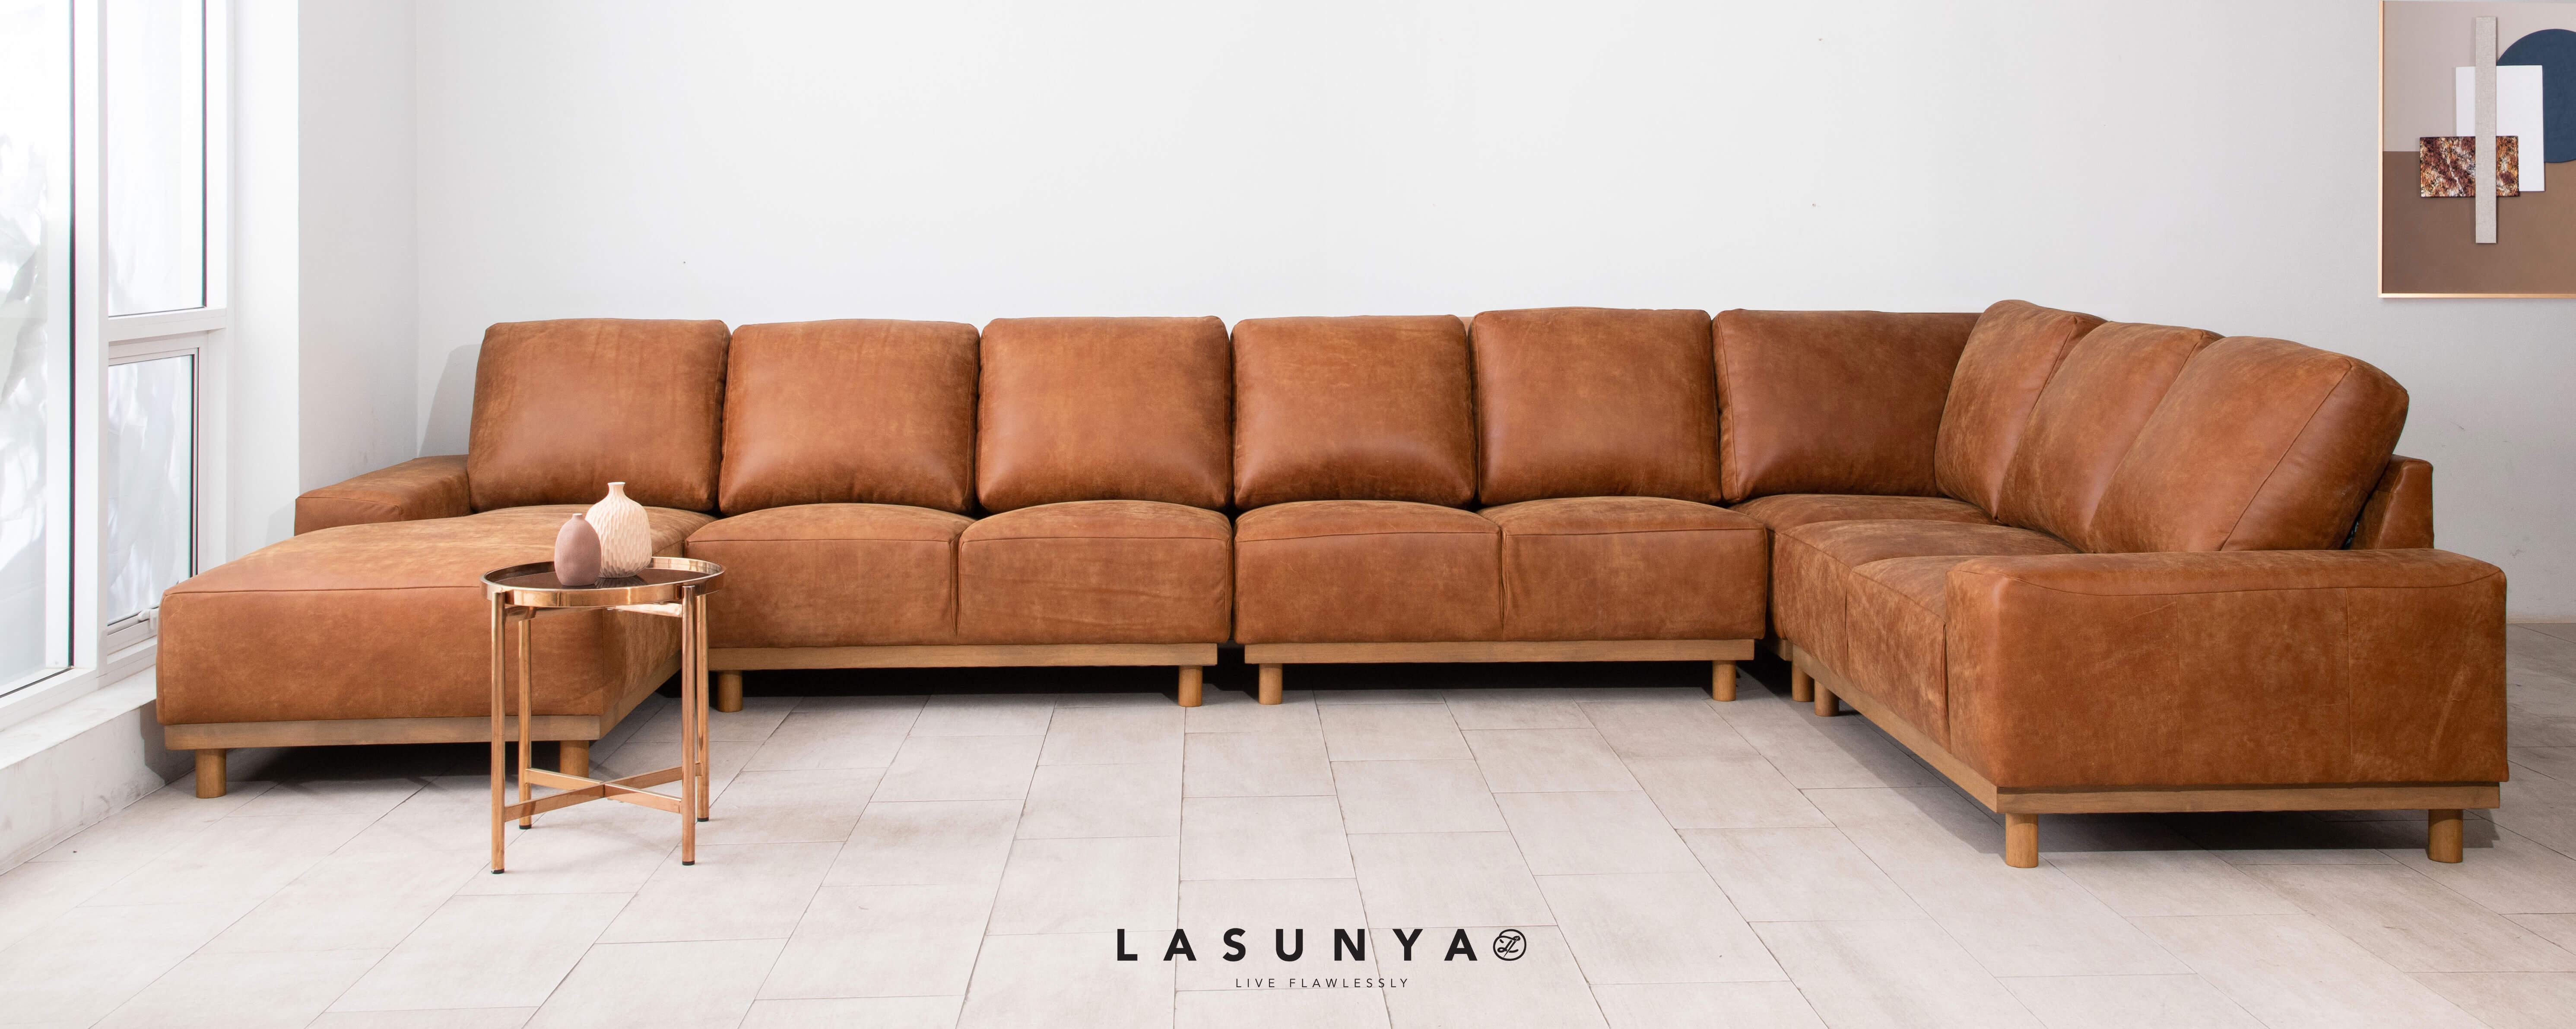 Passa sofa lasunya1 L-SHape